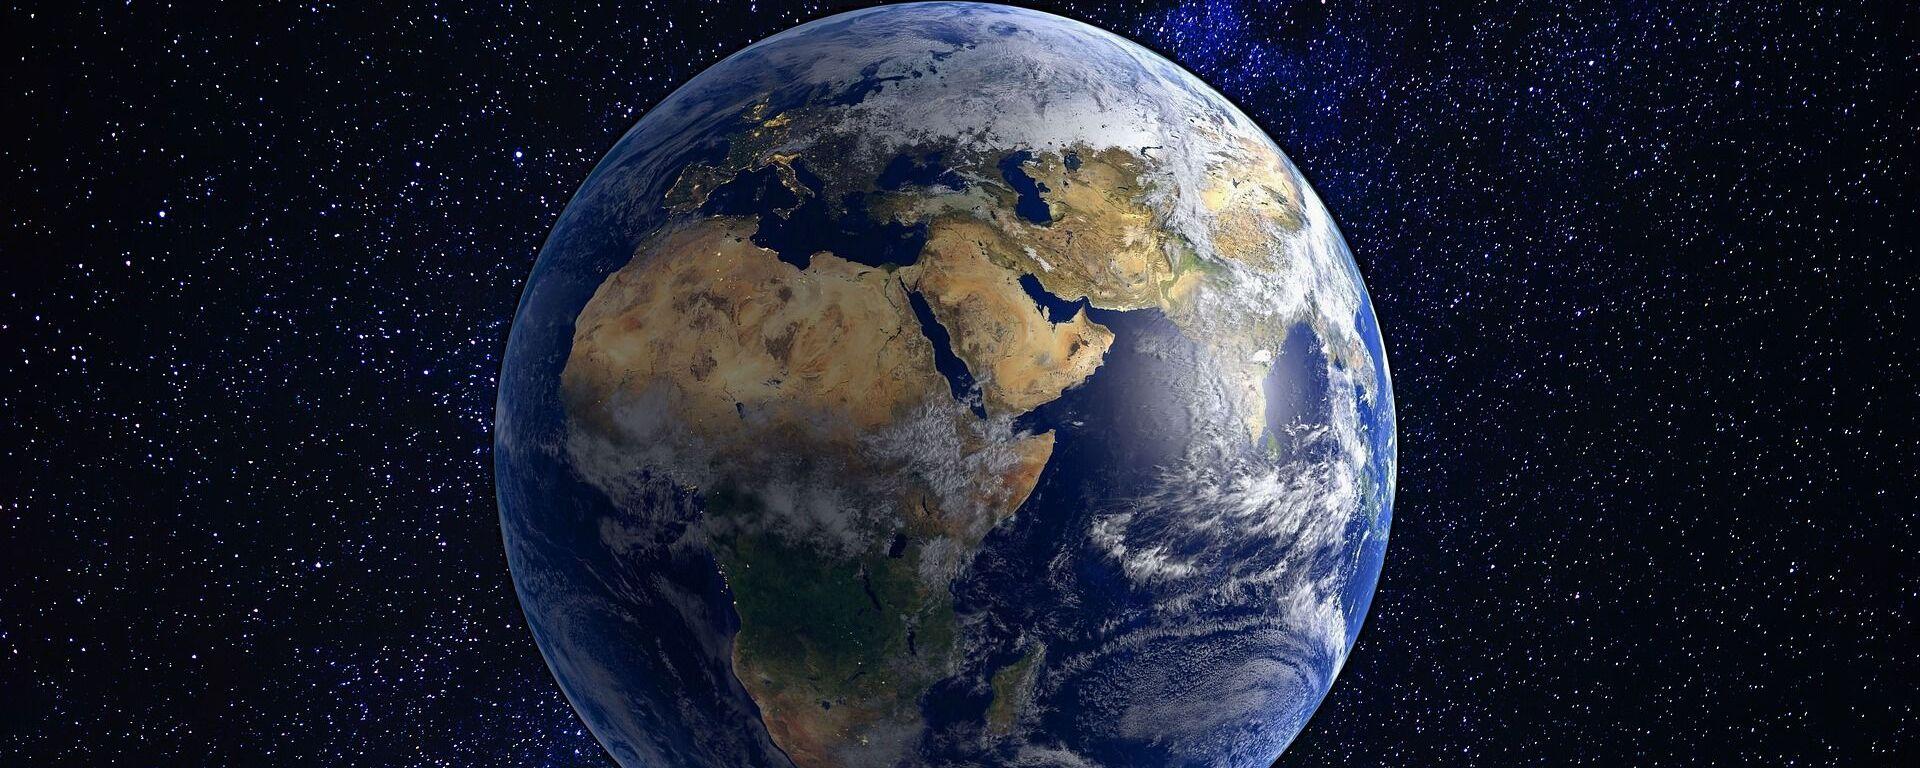 Иллюстрация планеты Земля - Sputnik Таджикистан, 1920, 03.09.2021